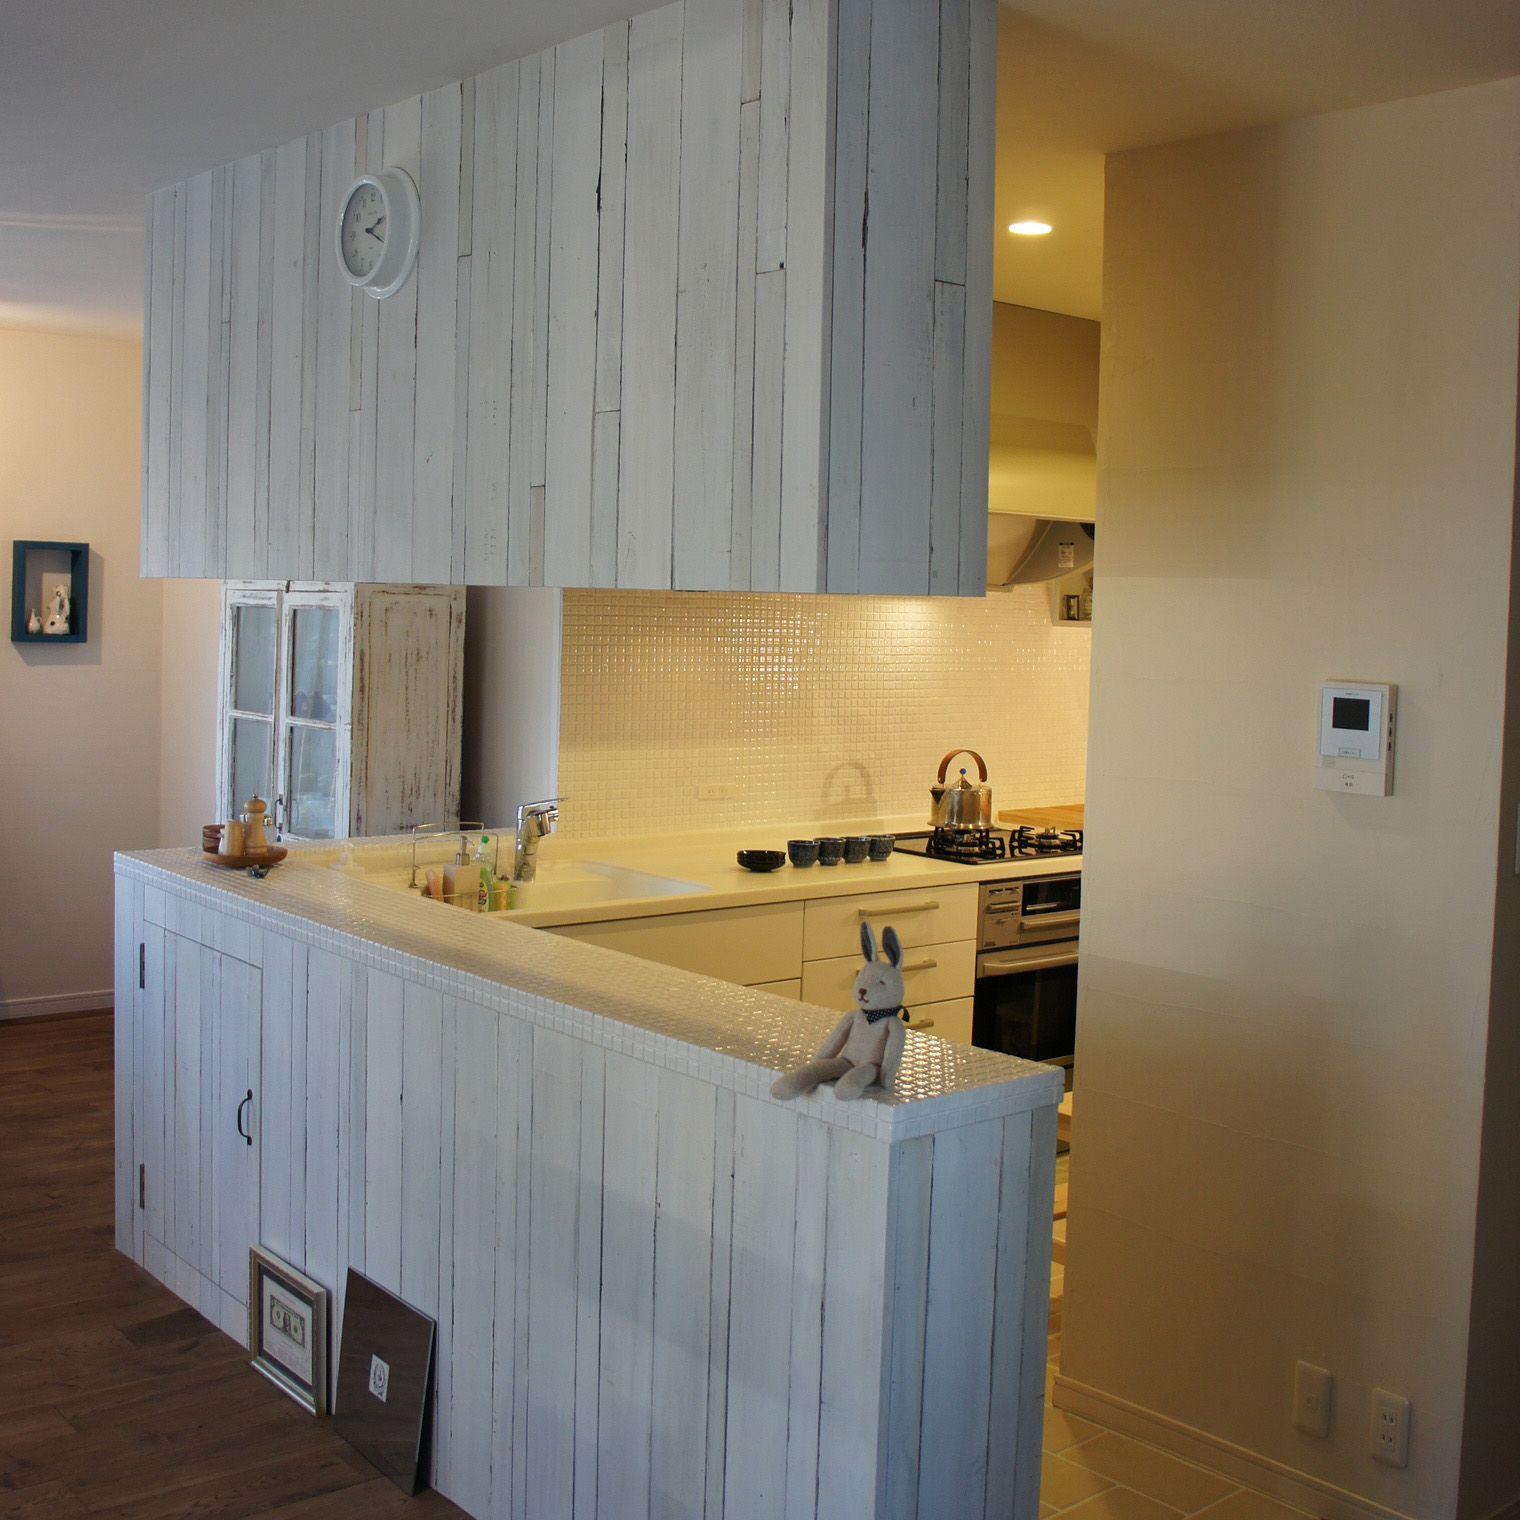 google pinterest searching. Black Bedroom Furniture Sets. Home Design Ideas